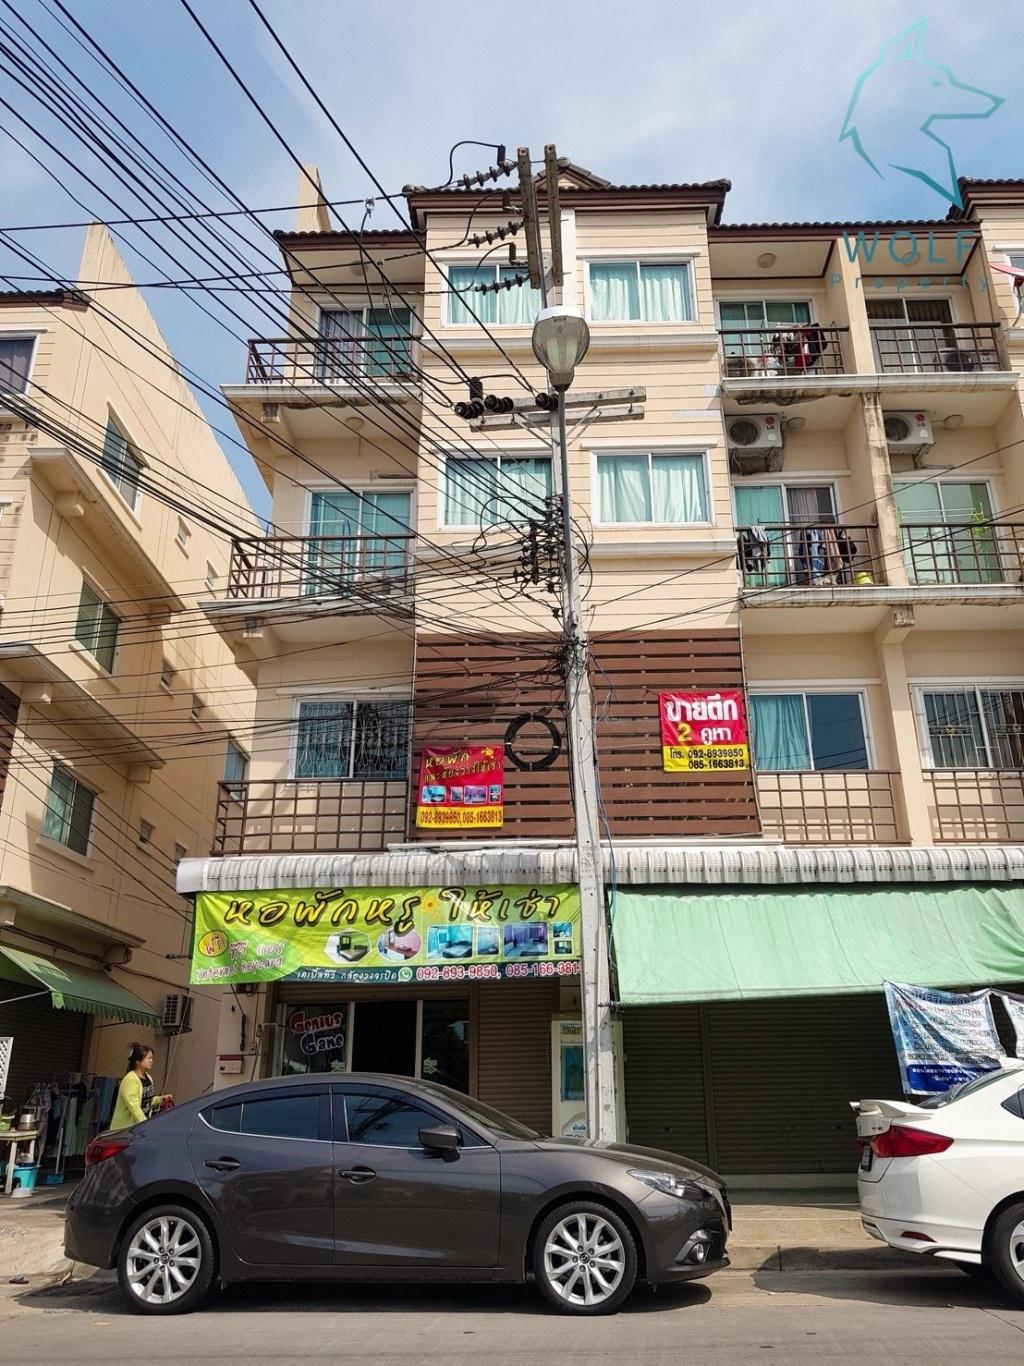 ขายด่วนตึกบางแสน 2 คูหา4ชั้น 12ห้อง ติดม.บรู ตลาดหนองมน พร้อมคนเช่ากว่า 60,000 บาทต่อเดือน